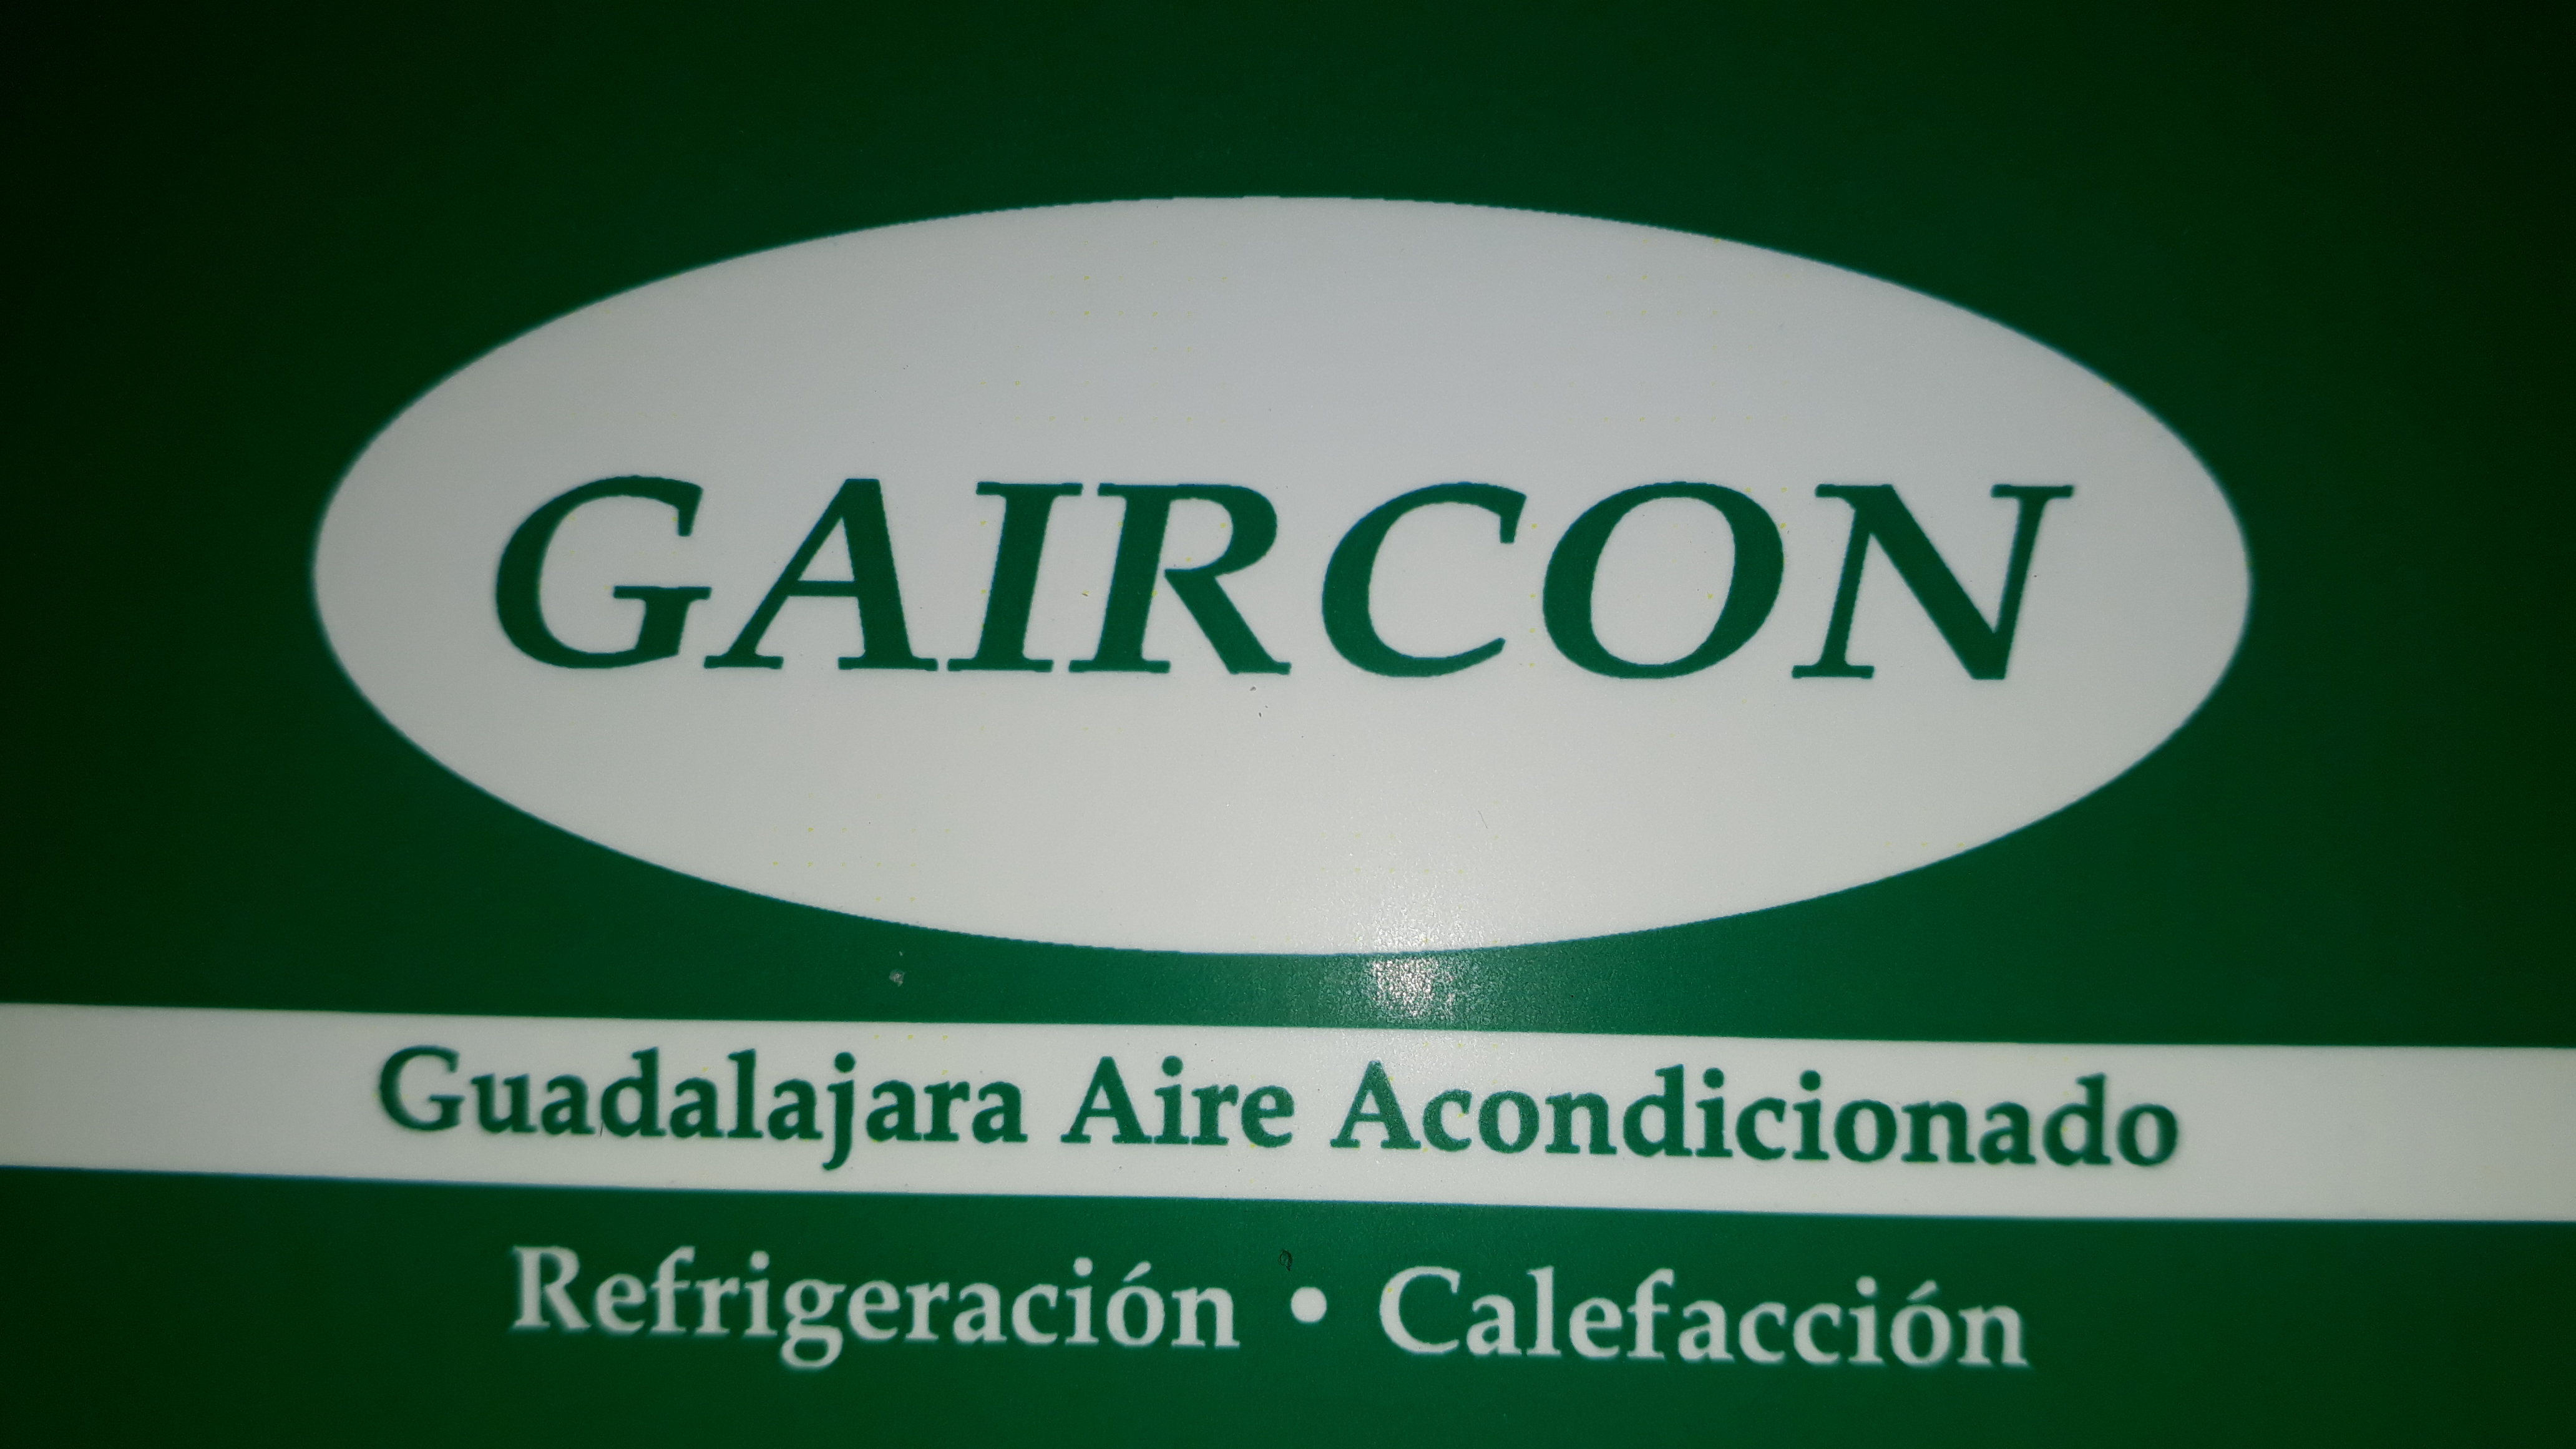 Gaircon